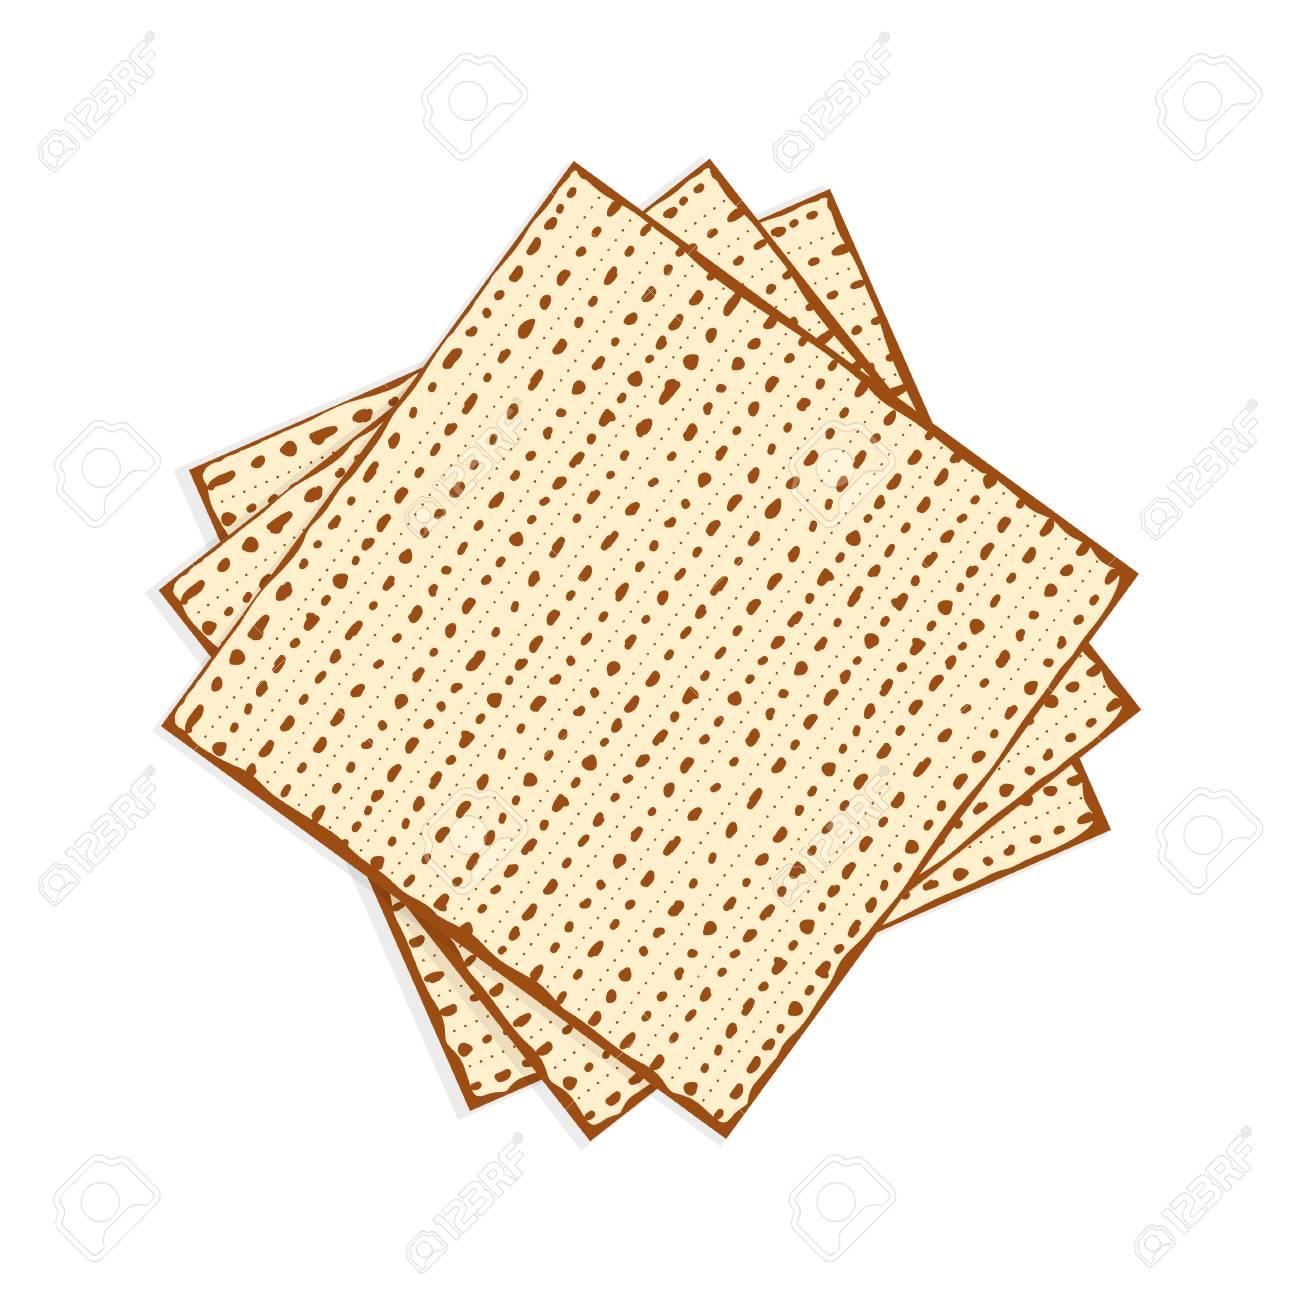 Passover matzah, unleavened bread vector illustration.